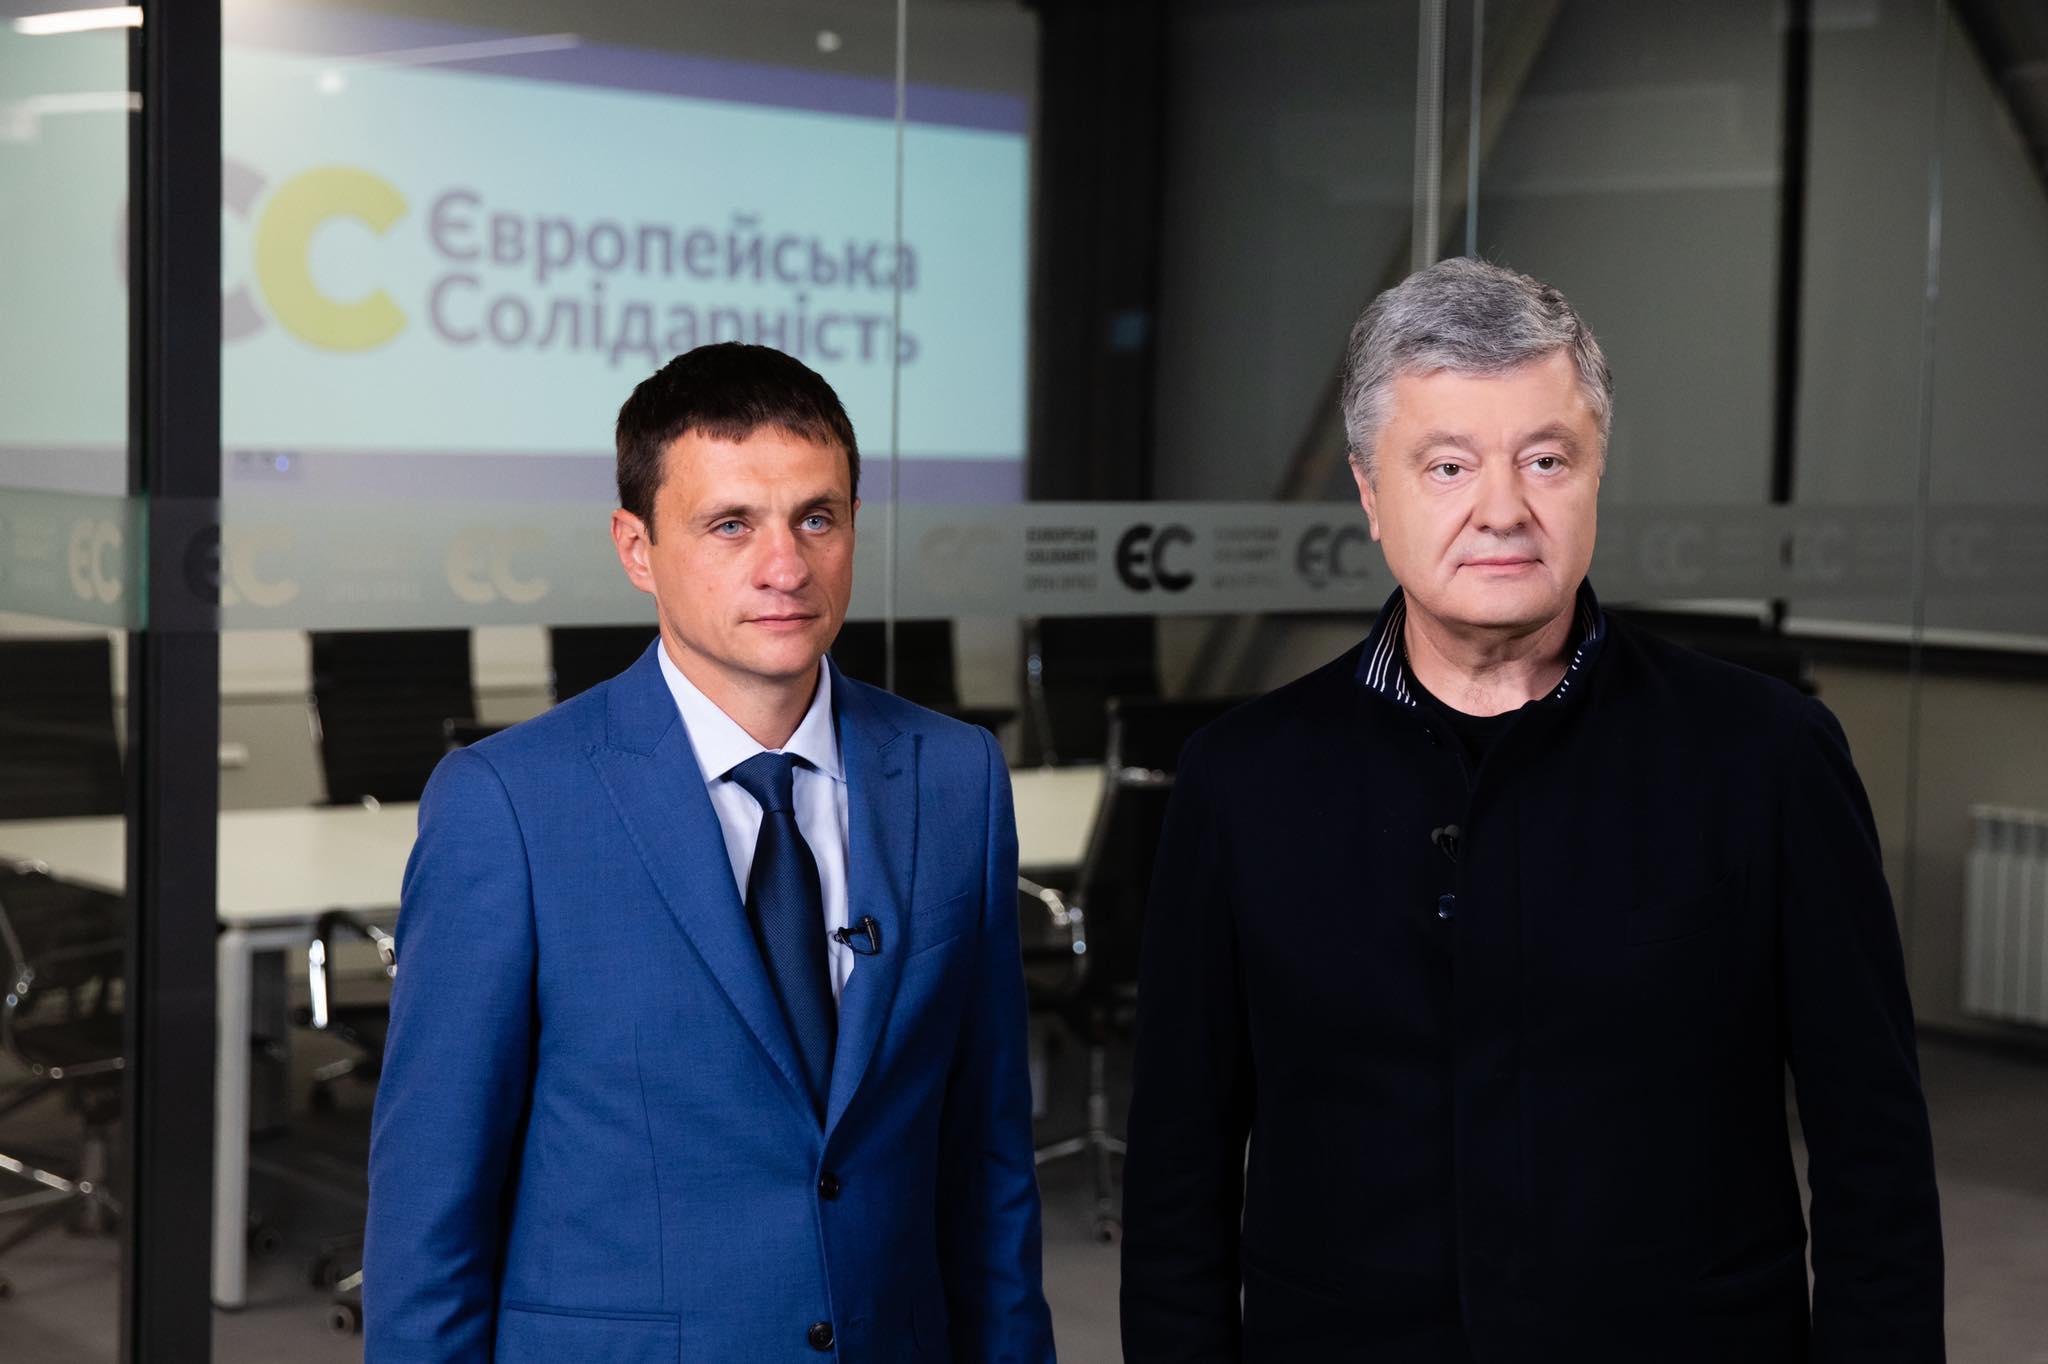 Порошенко закликав франківців підтримати Петра Шкутяка на виборах міського голови Івано-Франківська (ВІДЕО)